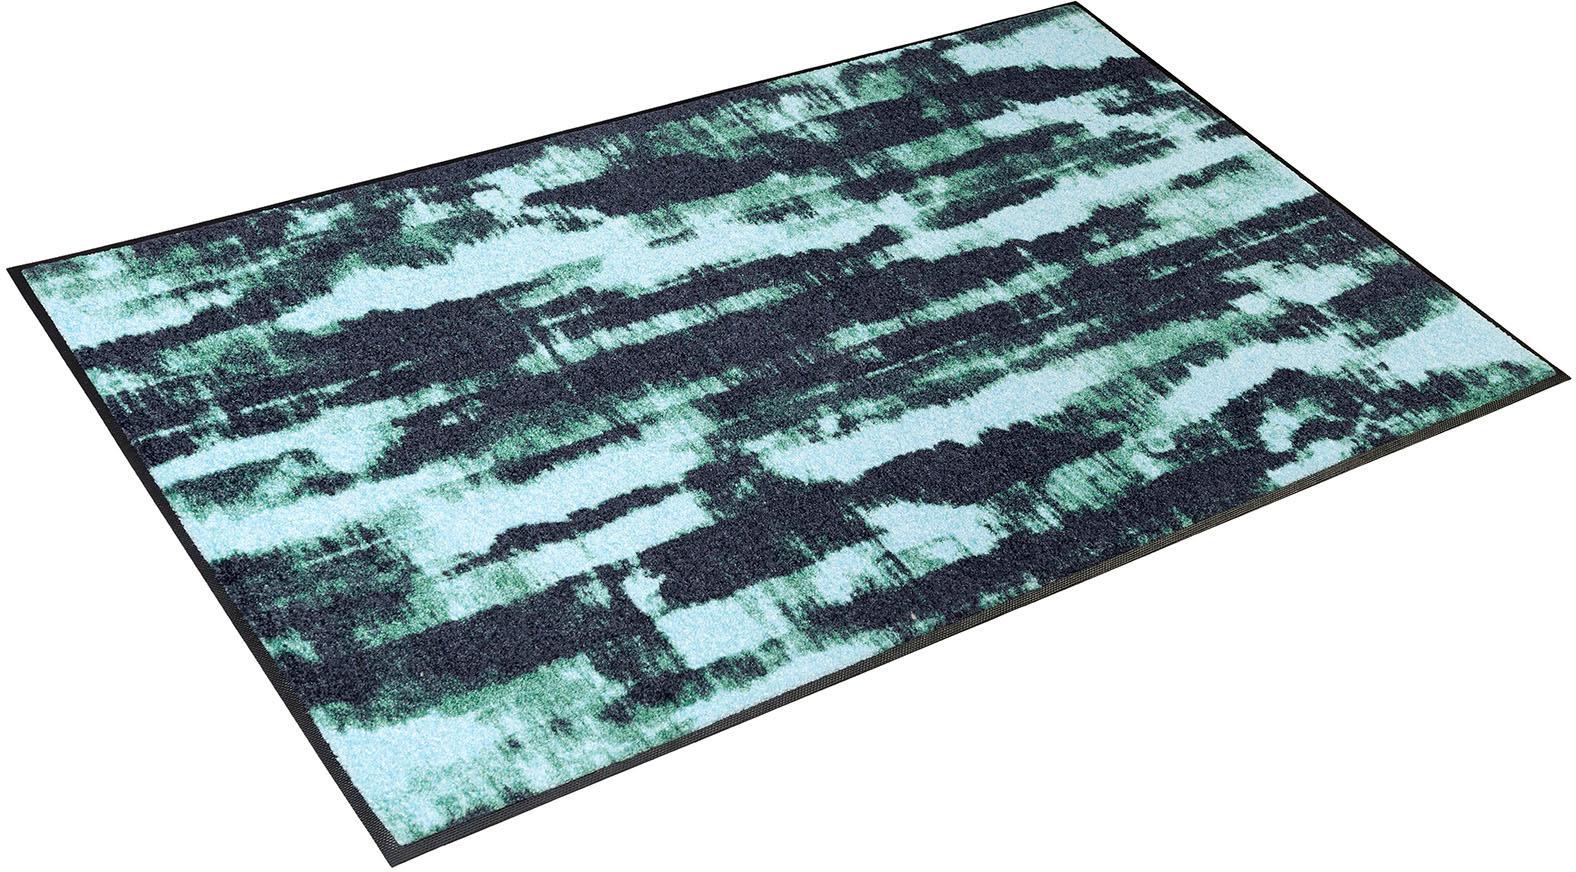 Teppich Fusion wash+dry by Kleen-Tex rechteckig Höhe 7 mm gedruckt